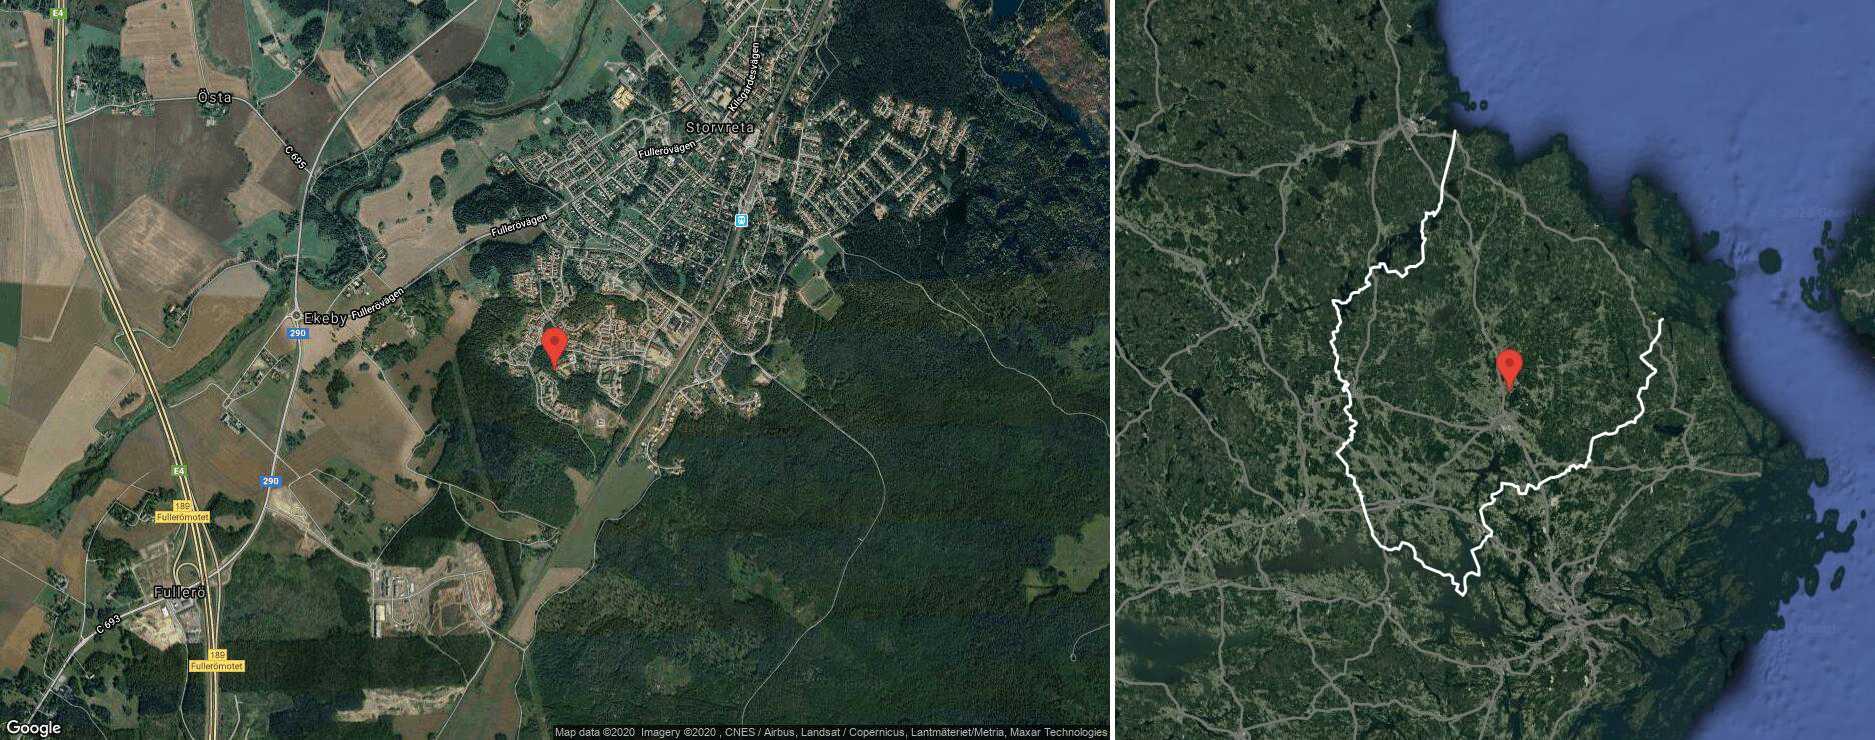 121 kvm stort radhus i Storvreta sålt